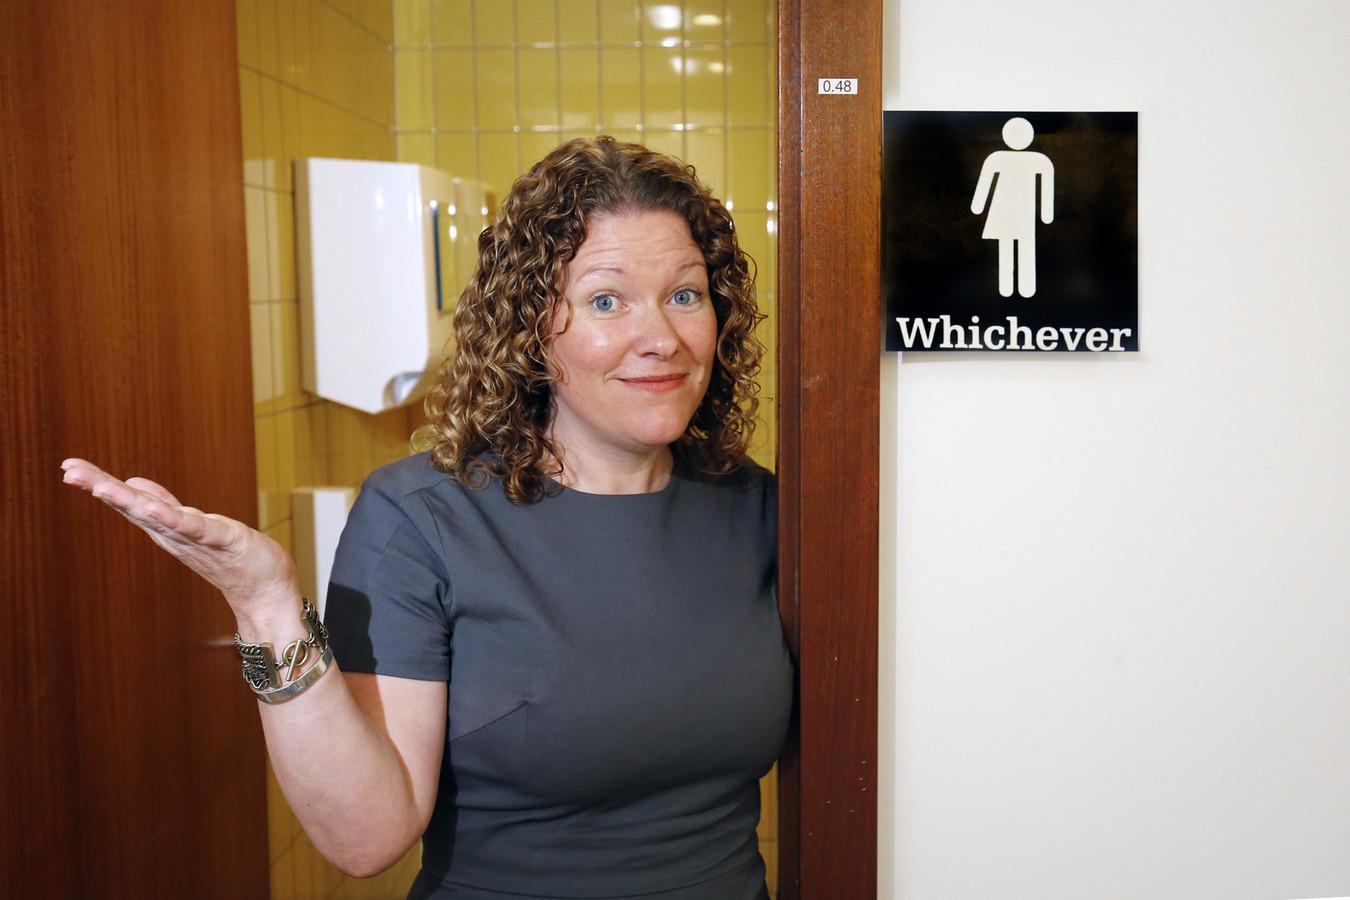 Gemeente Utrecht krijgt genderneutrale toiletten | Foto ...